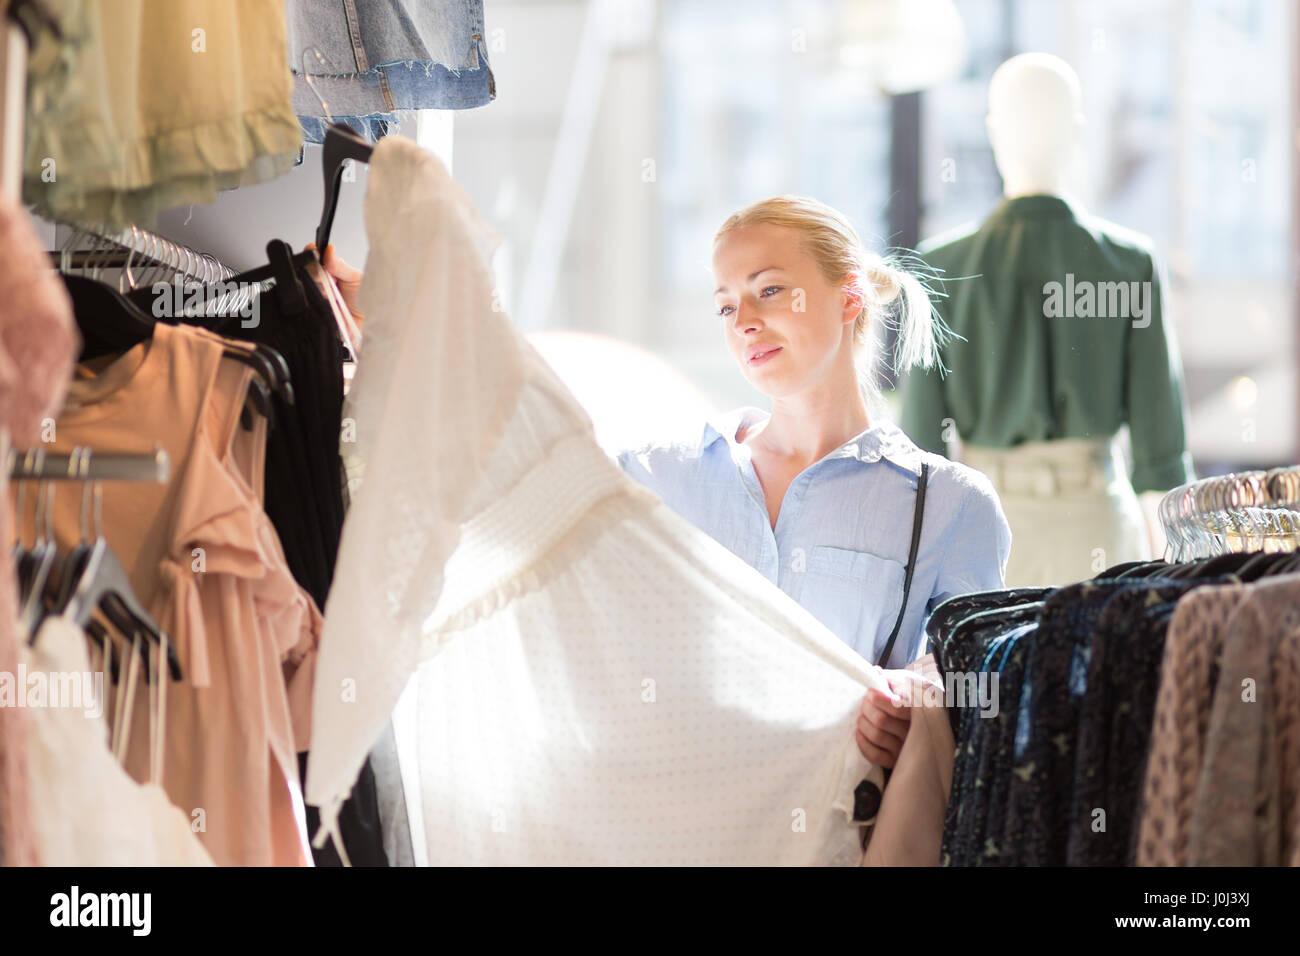 Schöne Frau shopping Mode in der Kleidung zu speichern. Stockbild